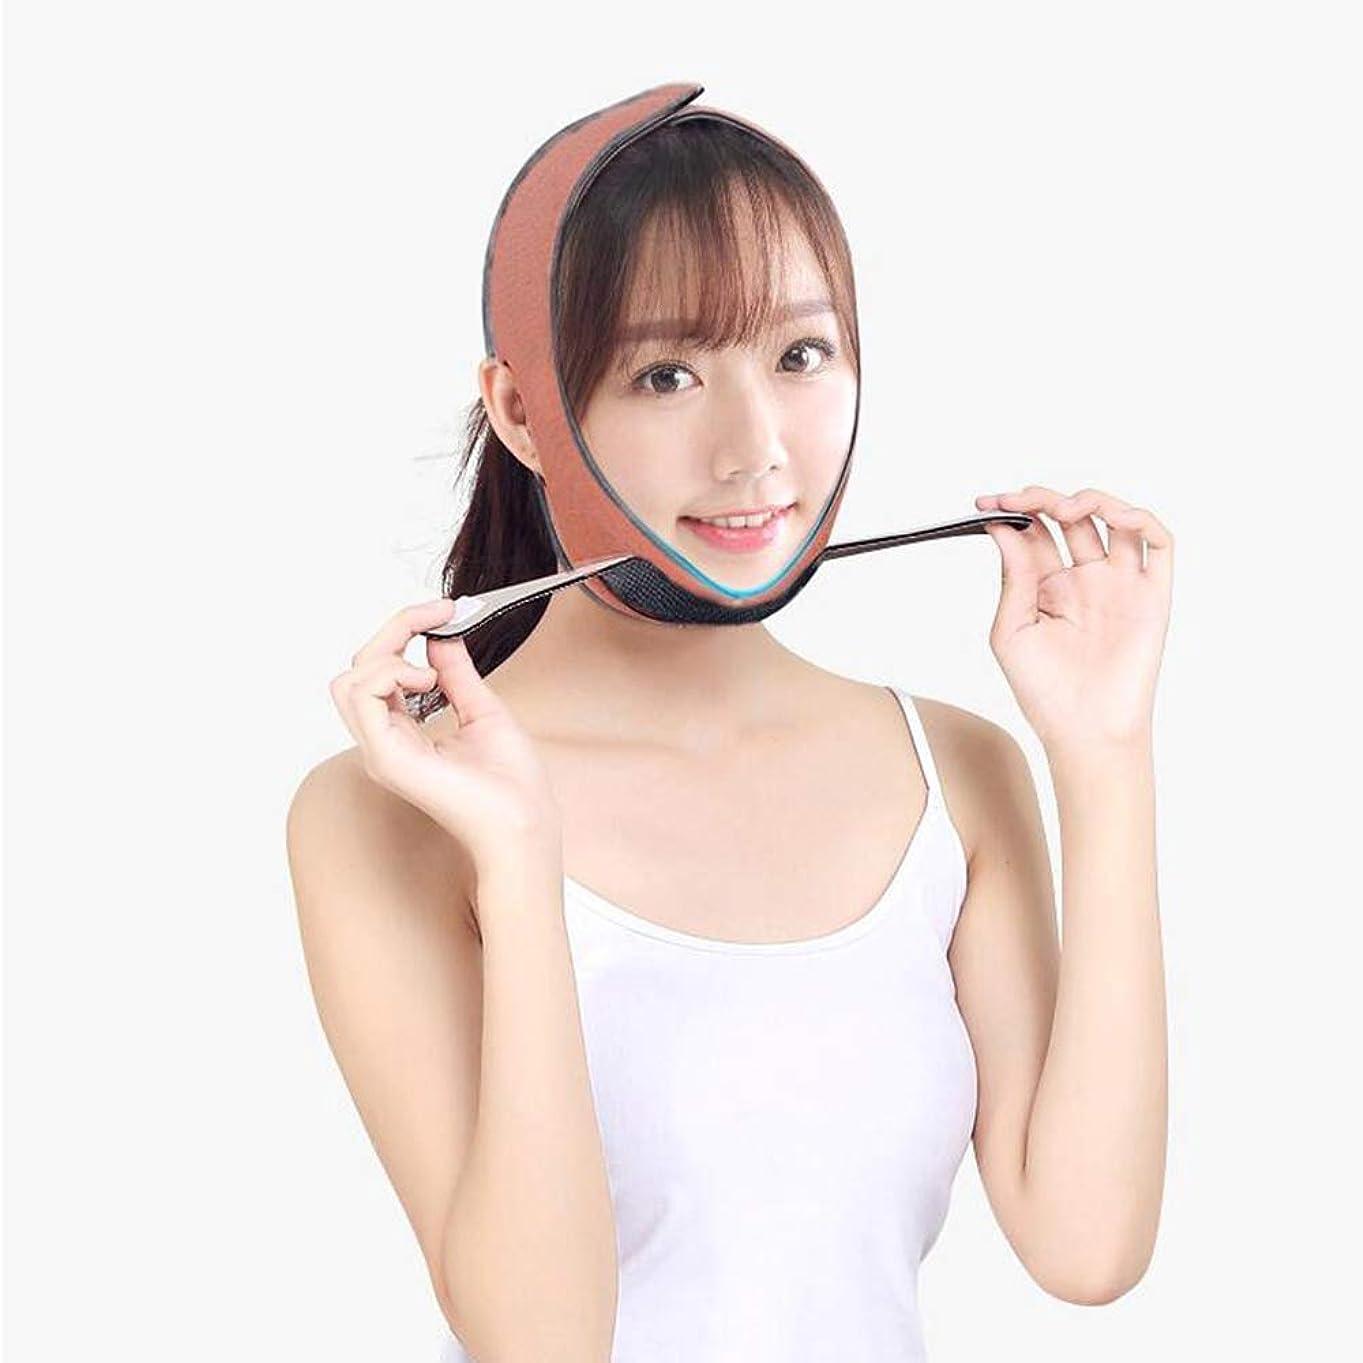 形状情報交換Jia Jia- フェイシャルリフティングスリミングベルト - 薄いフェイス包帯Vフェイス包帯マスクフェイシャルマッサージャー無料整形マスク顔と首の顔を引き締めますスリム 顔面包帯